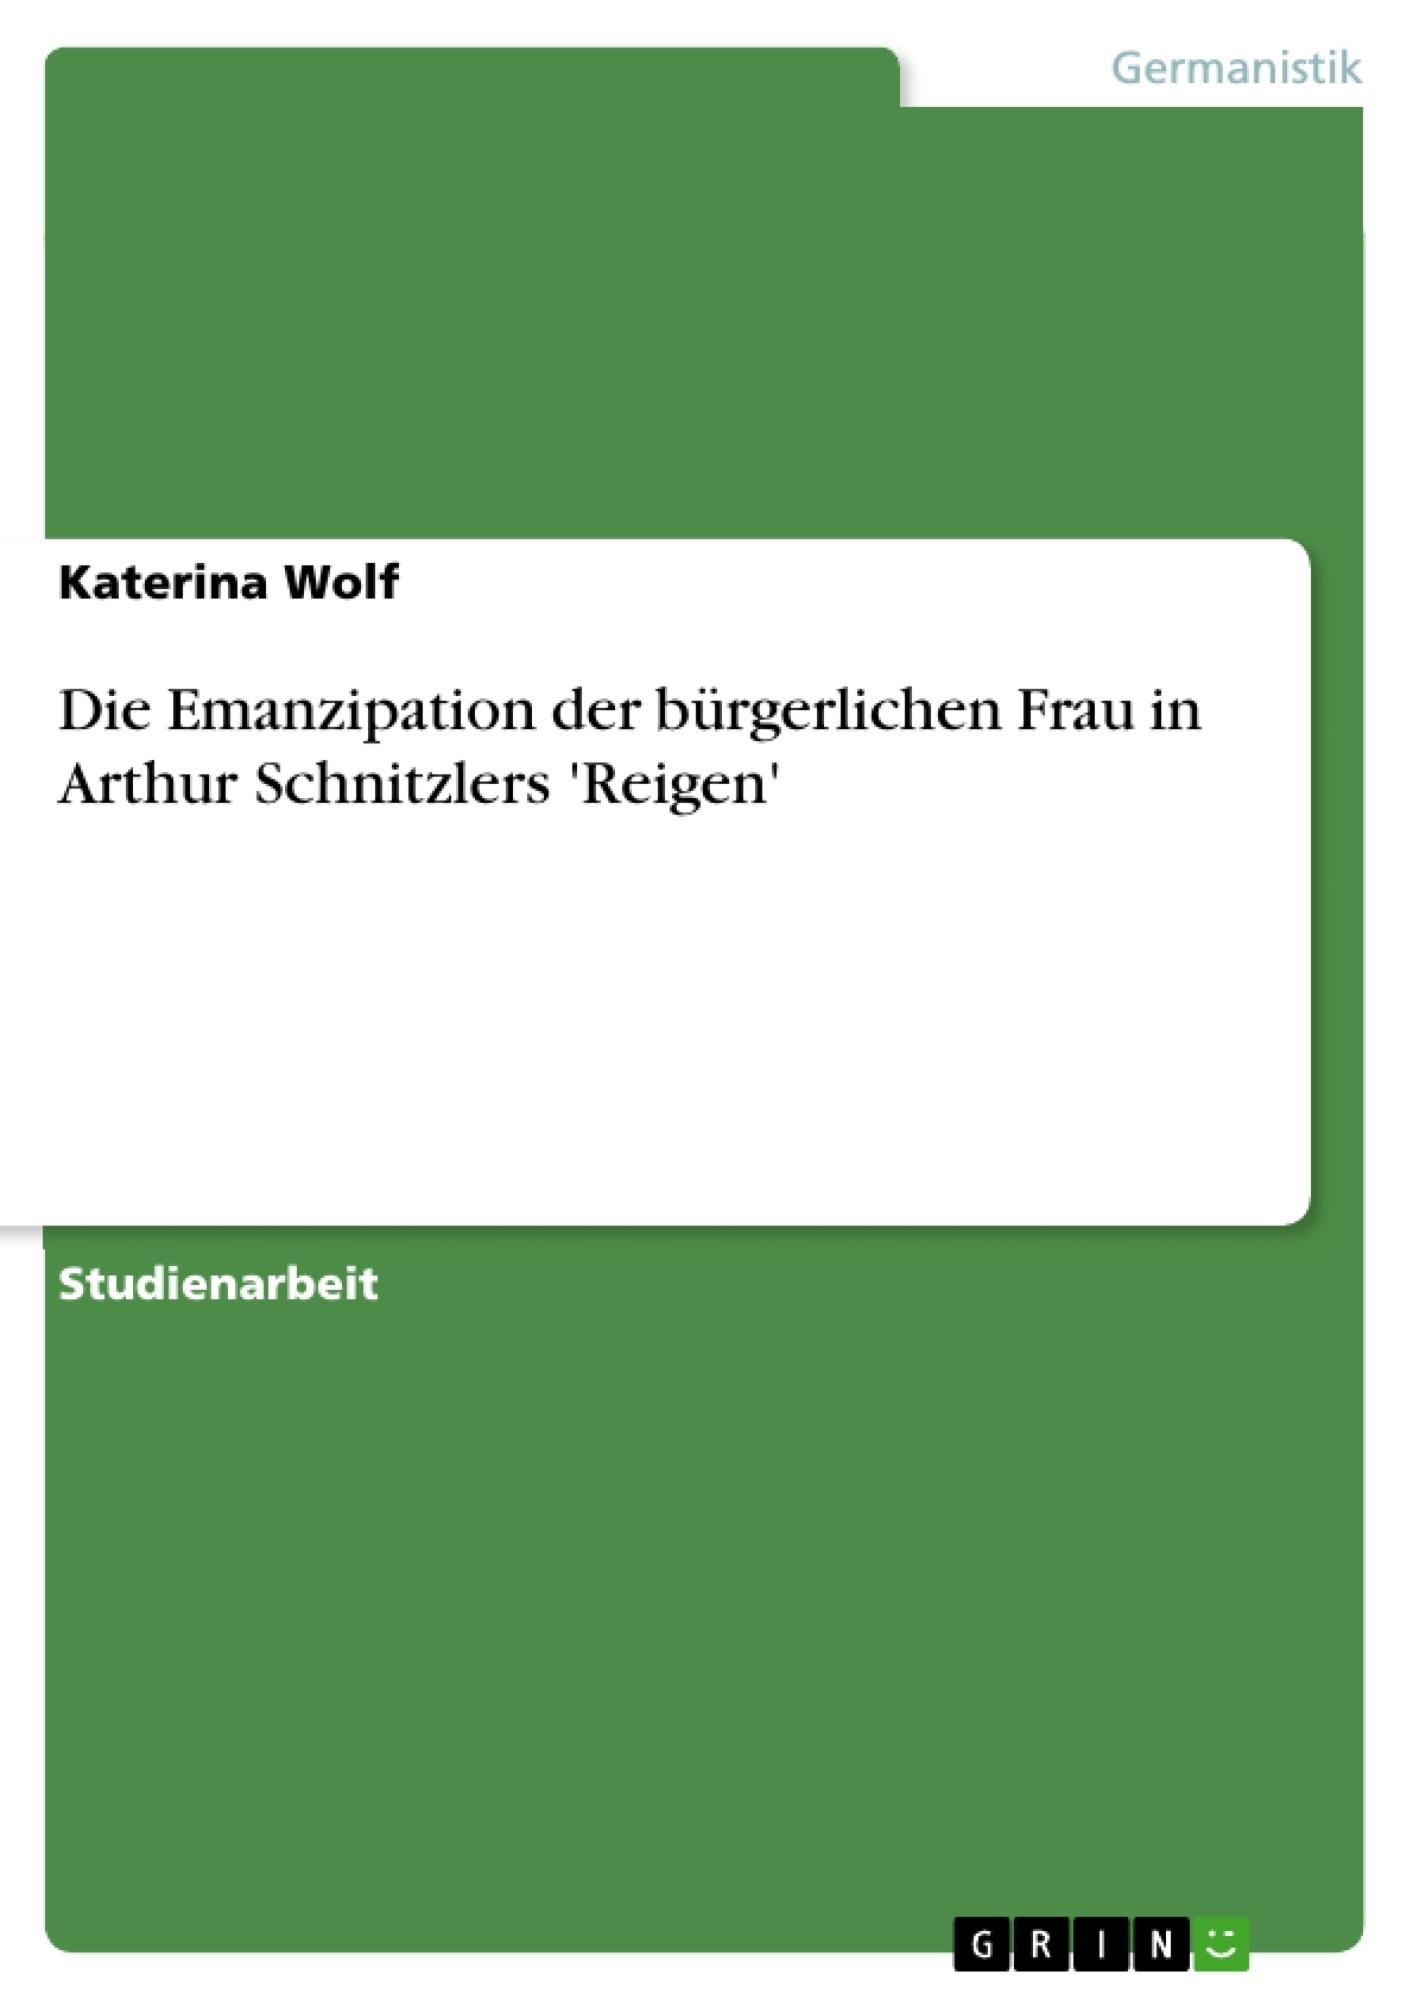 Titel: Die Emanzipation der bürgerlichen Frau in Arthur Schnitzlers 'Reigen'